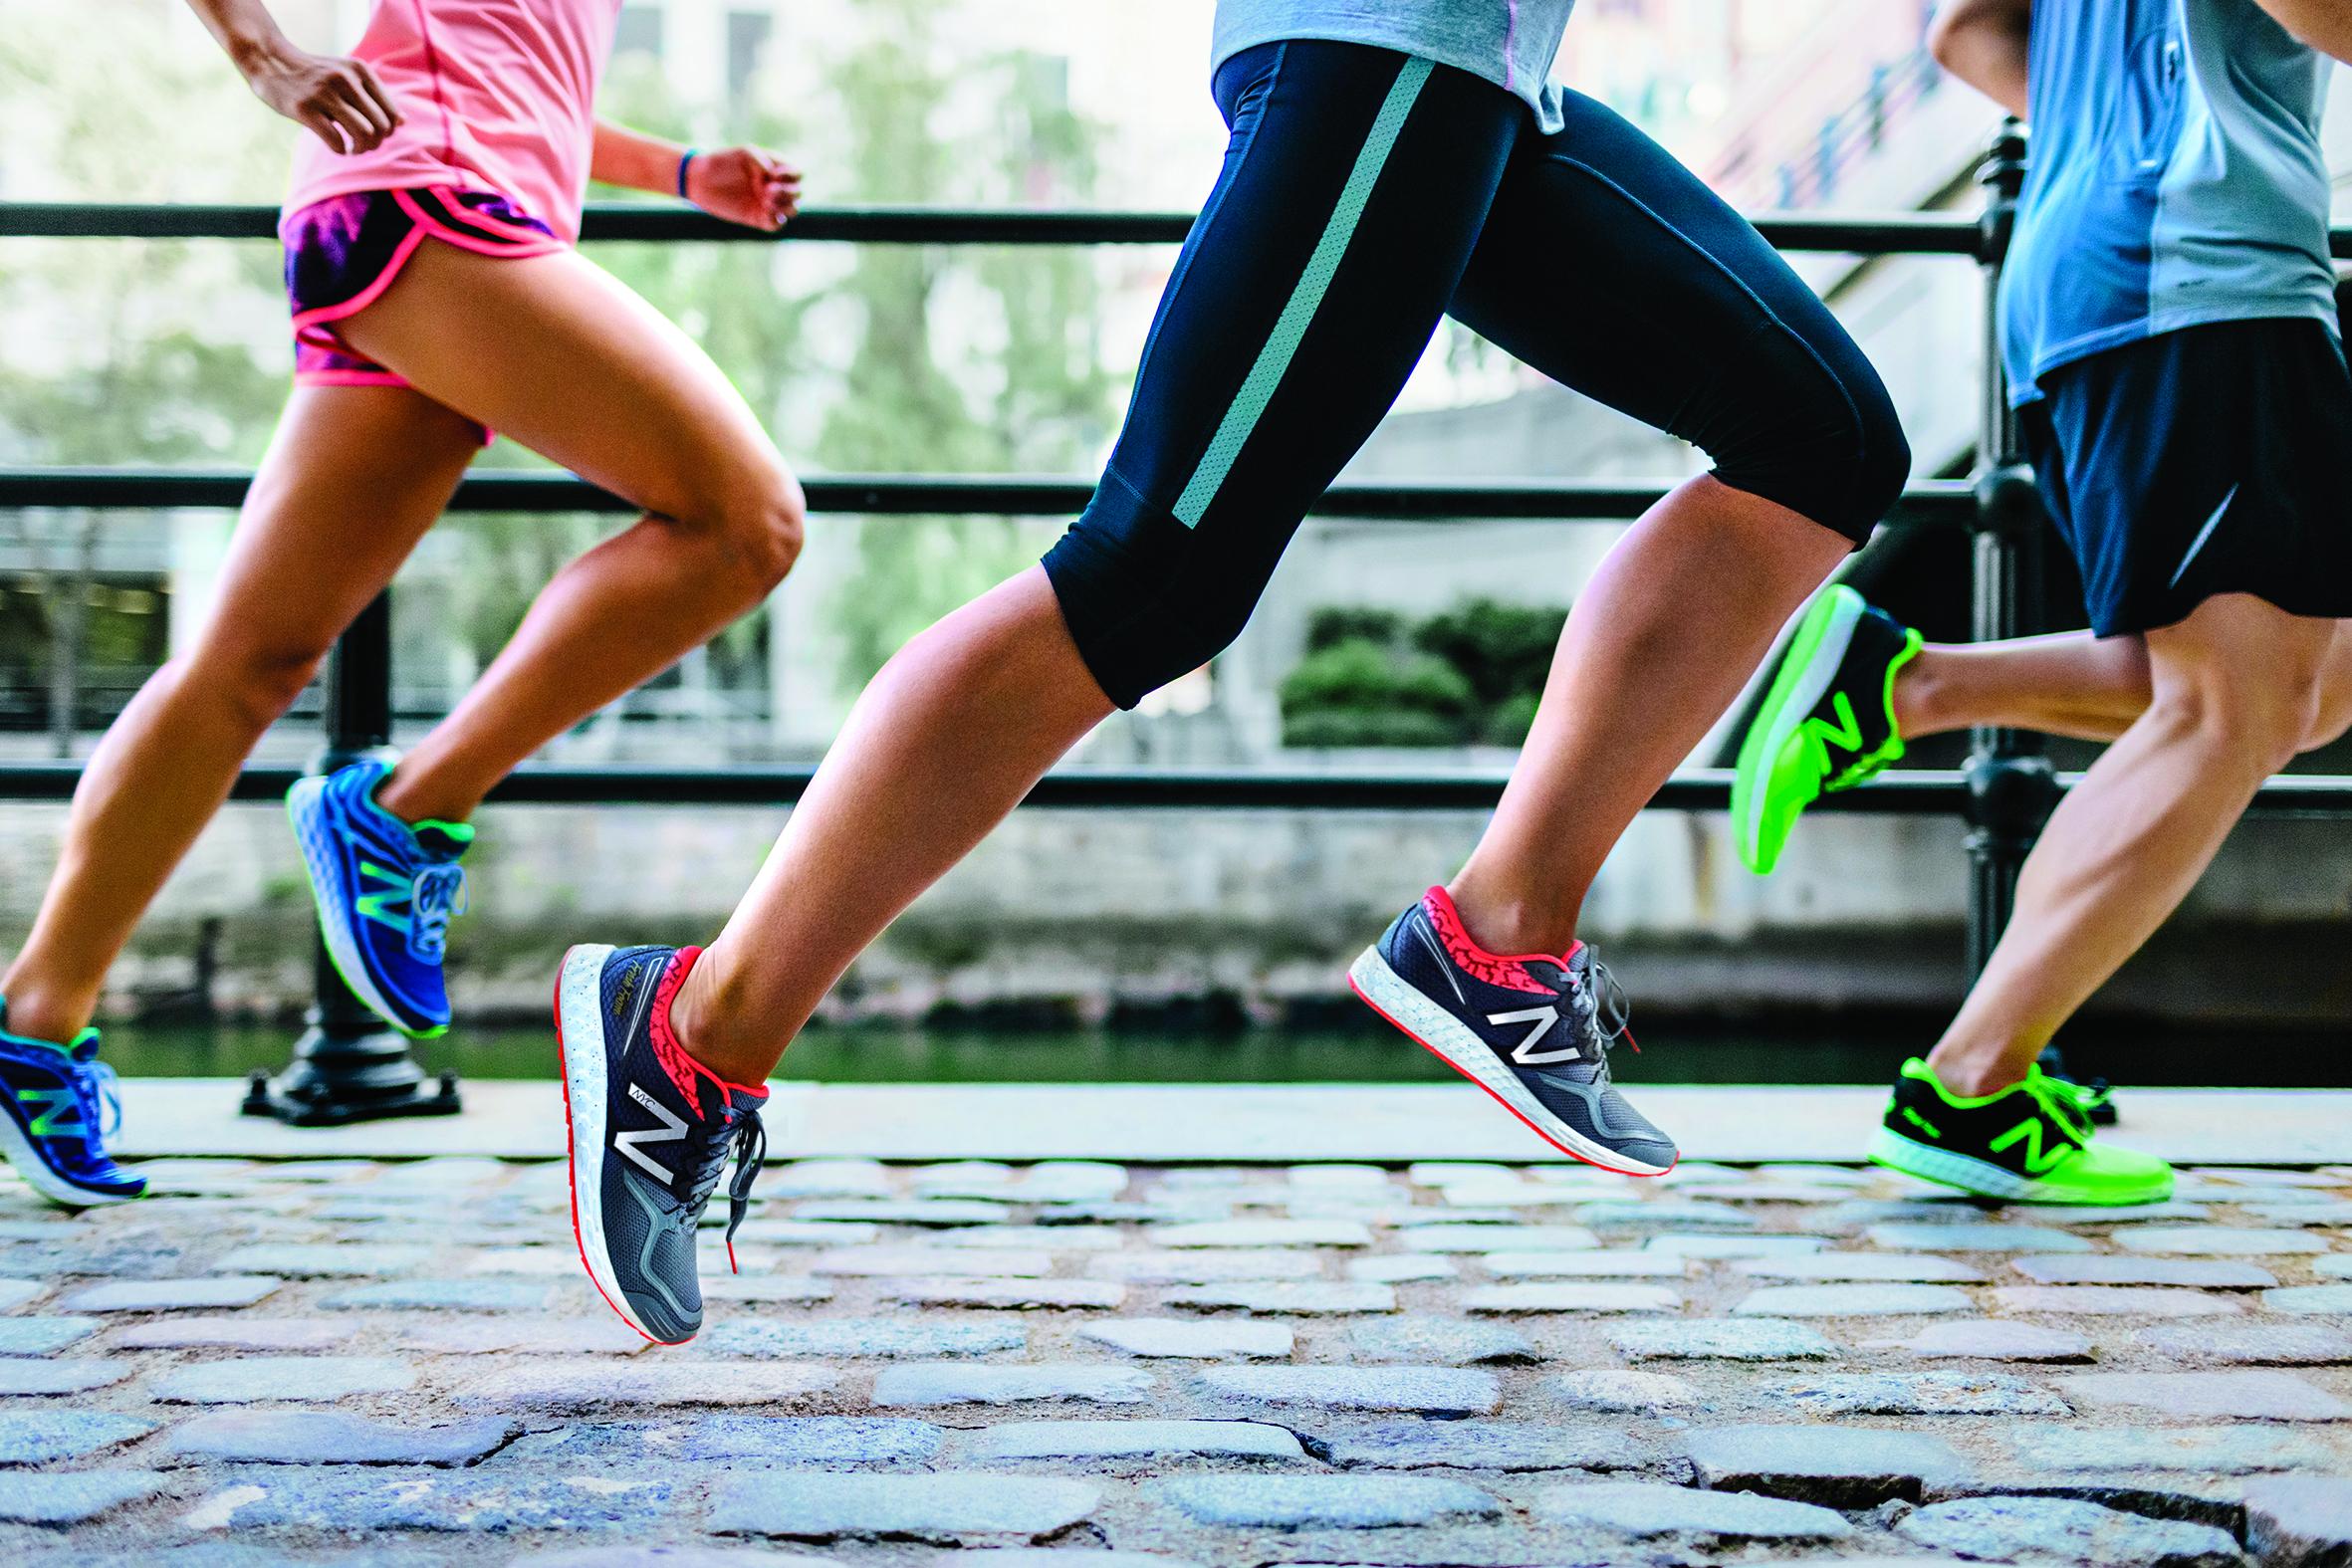 Kako će izgledati patike za trčanje u 2015.